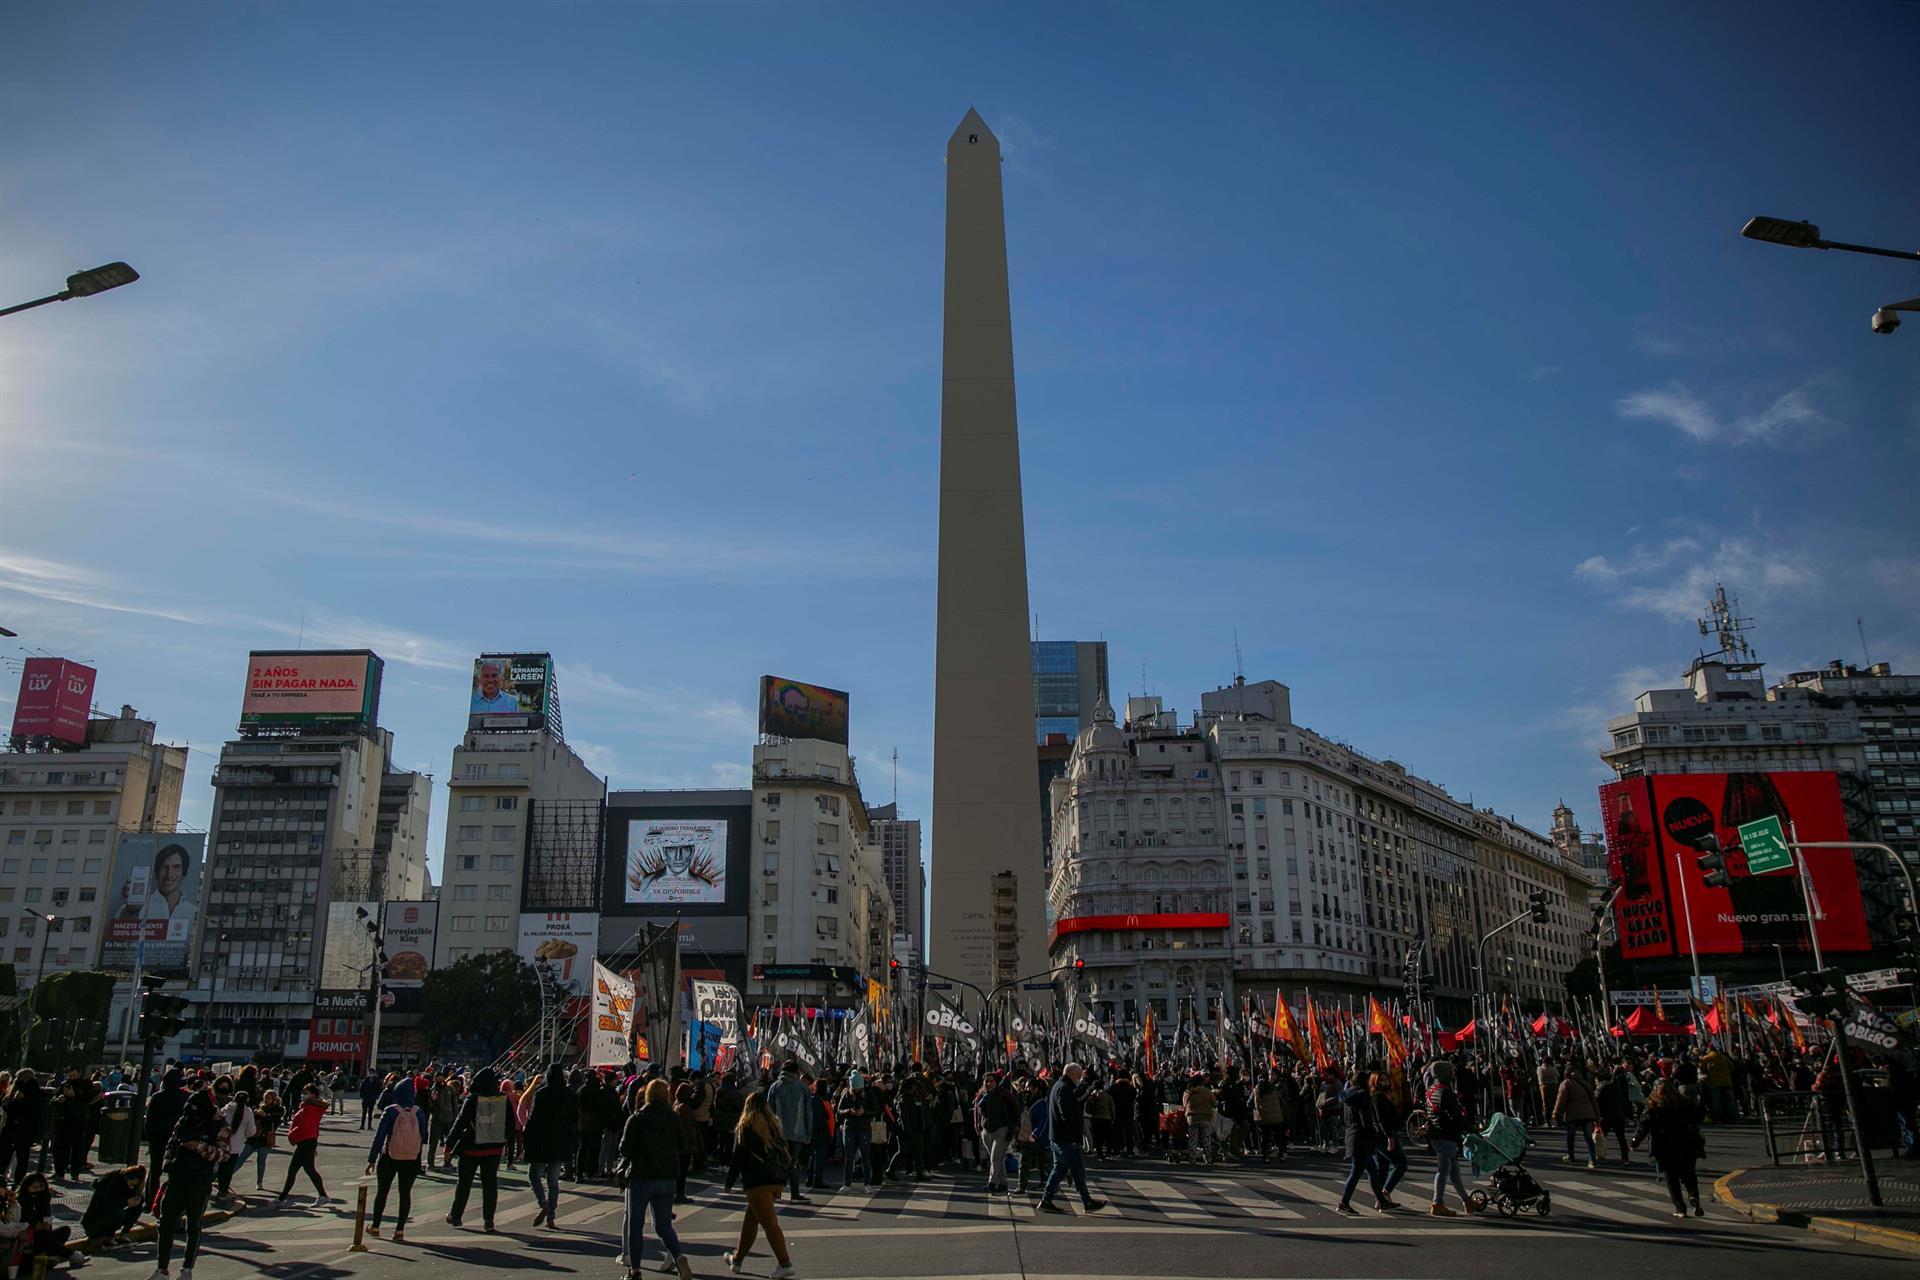 obelisco da argentina com pessoas ao redor protestando por empregos